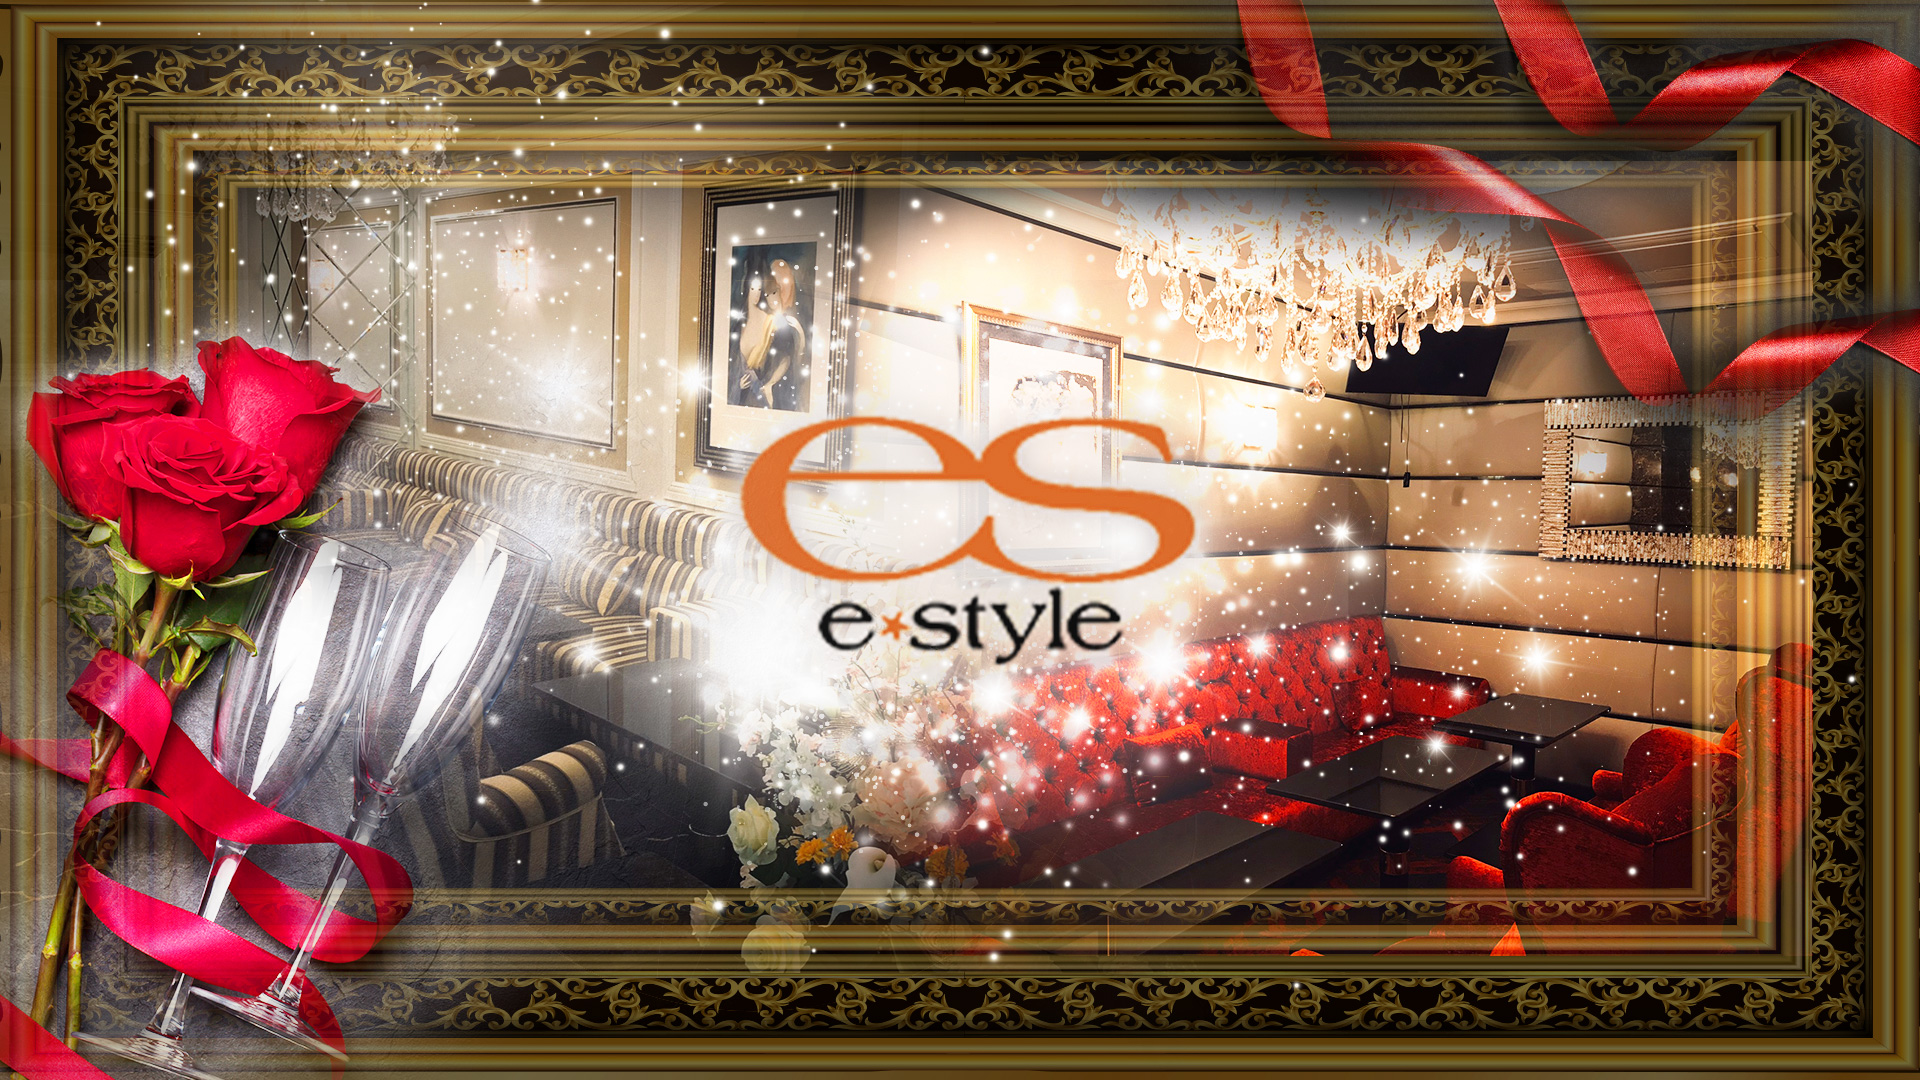 e-style[イースタイル] 渋谷 キャバクラ TOP画像